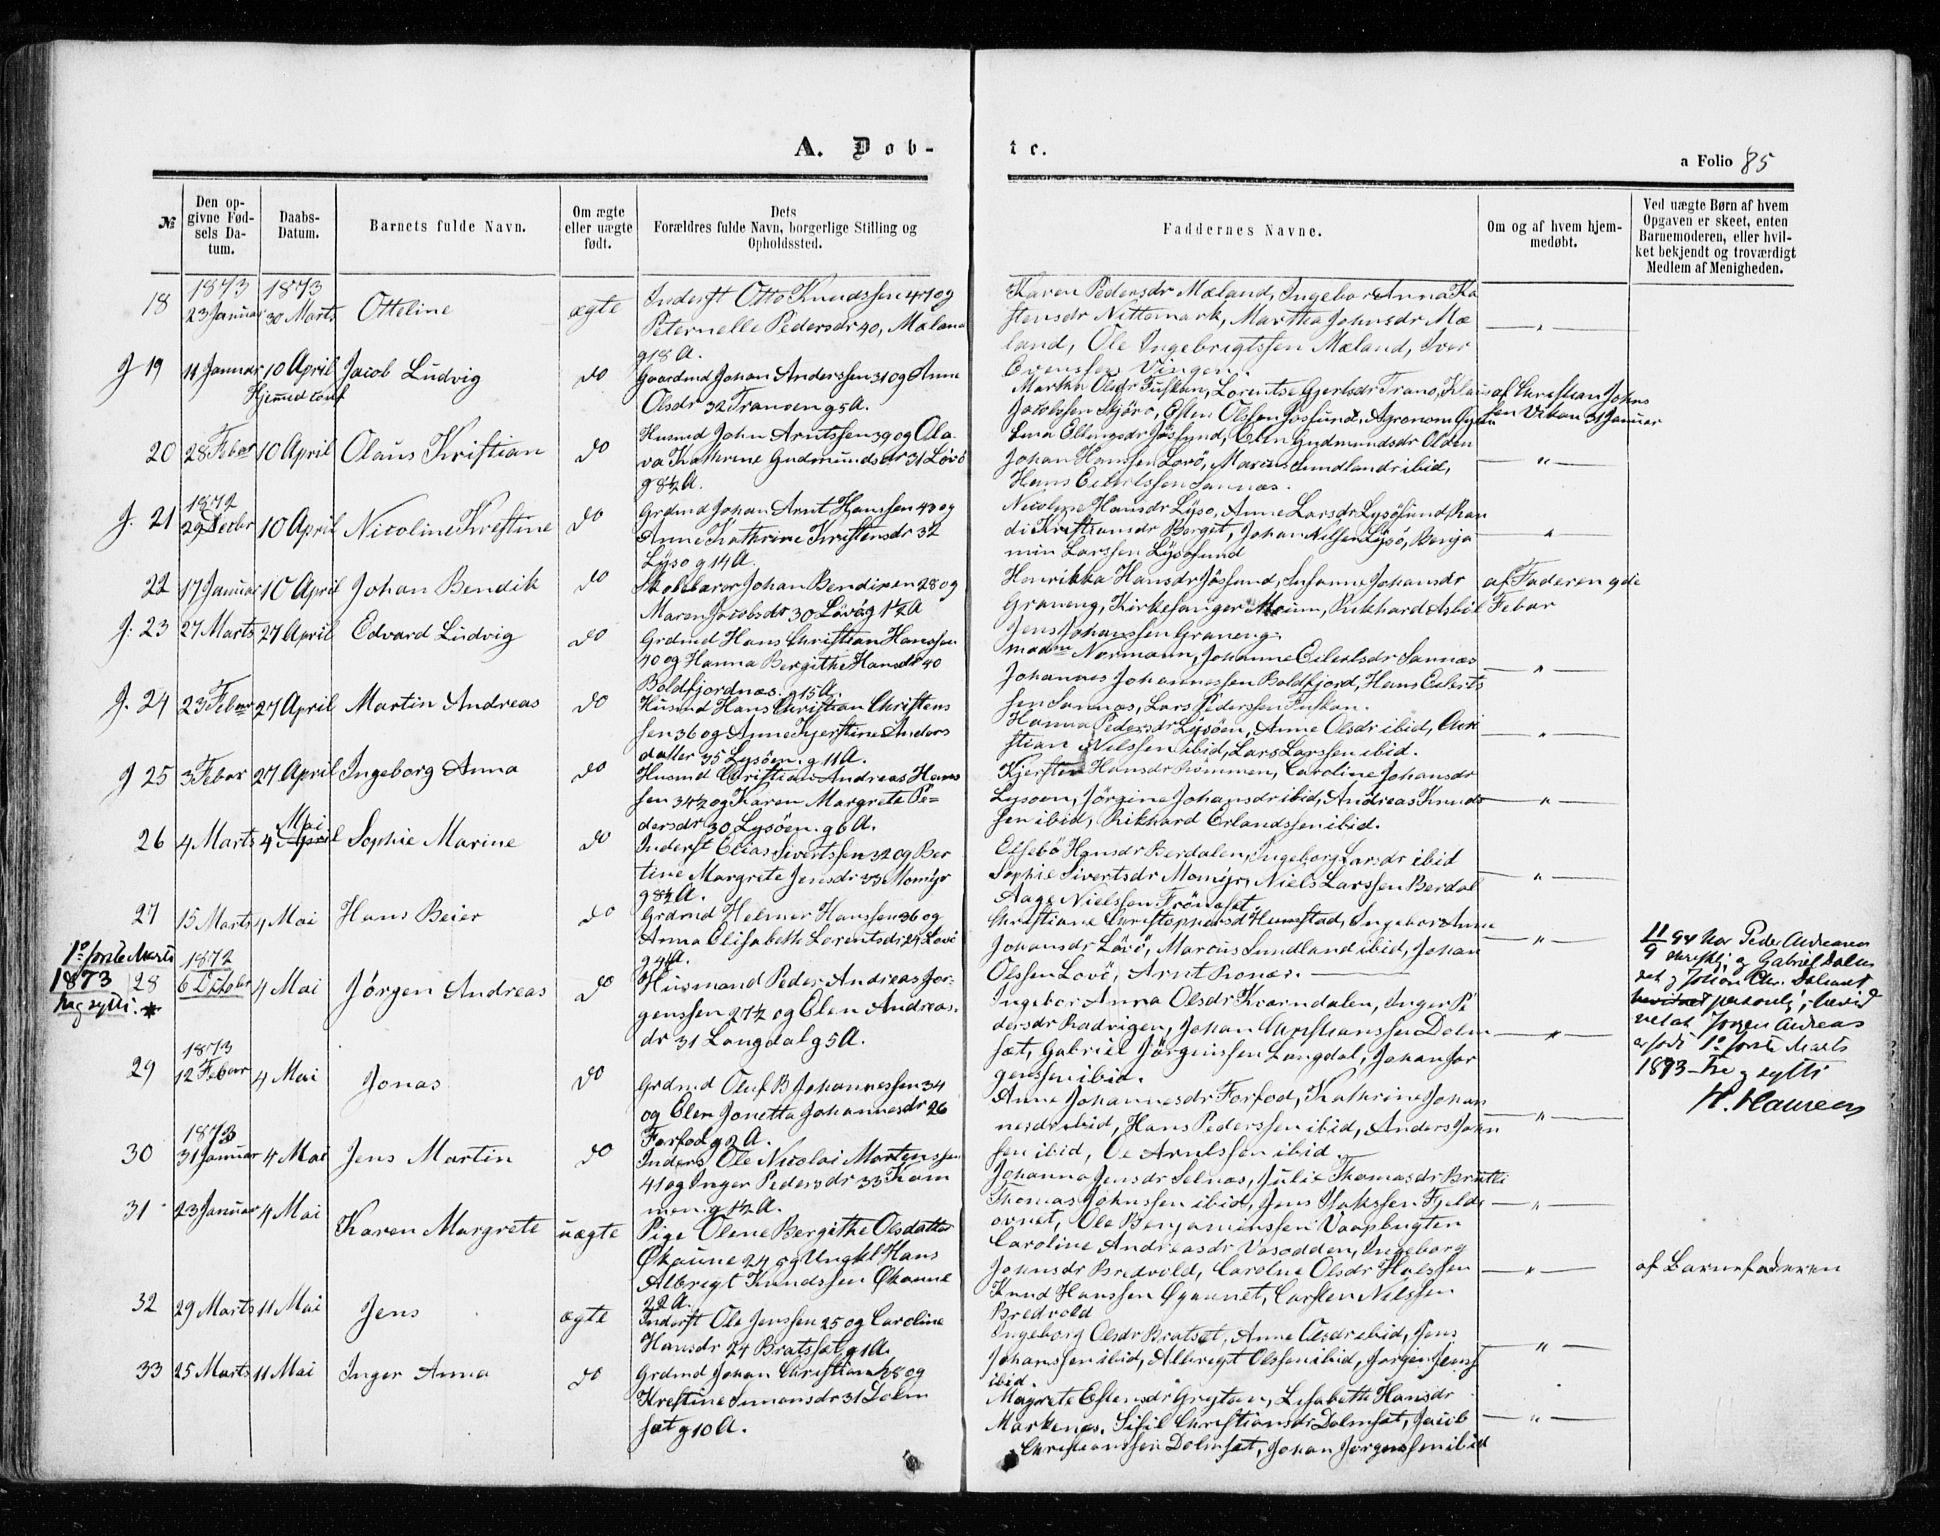 SAT, Ministerialprotokoller, klokkerbøker og fødselsregistre - Sør-Trøndelag, 655/L0678: Ministerialbok nr. 655A07, 1861-1873, s. 85